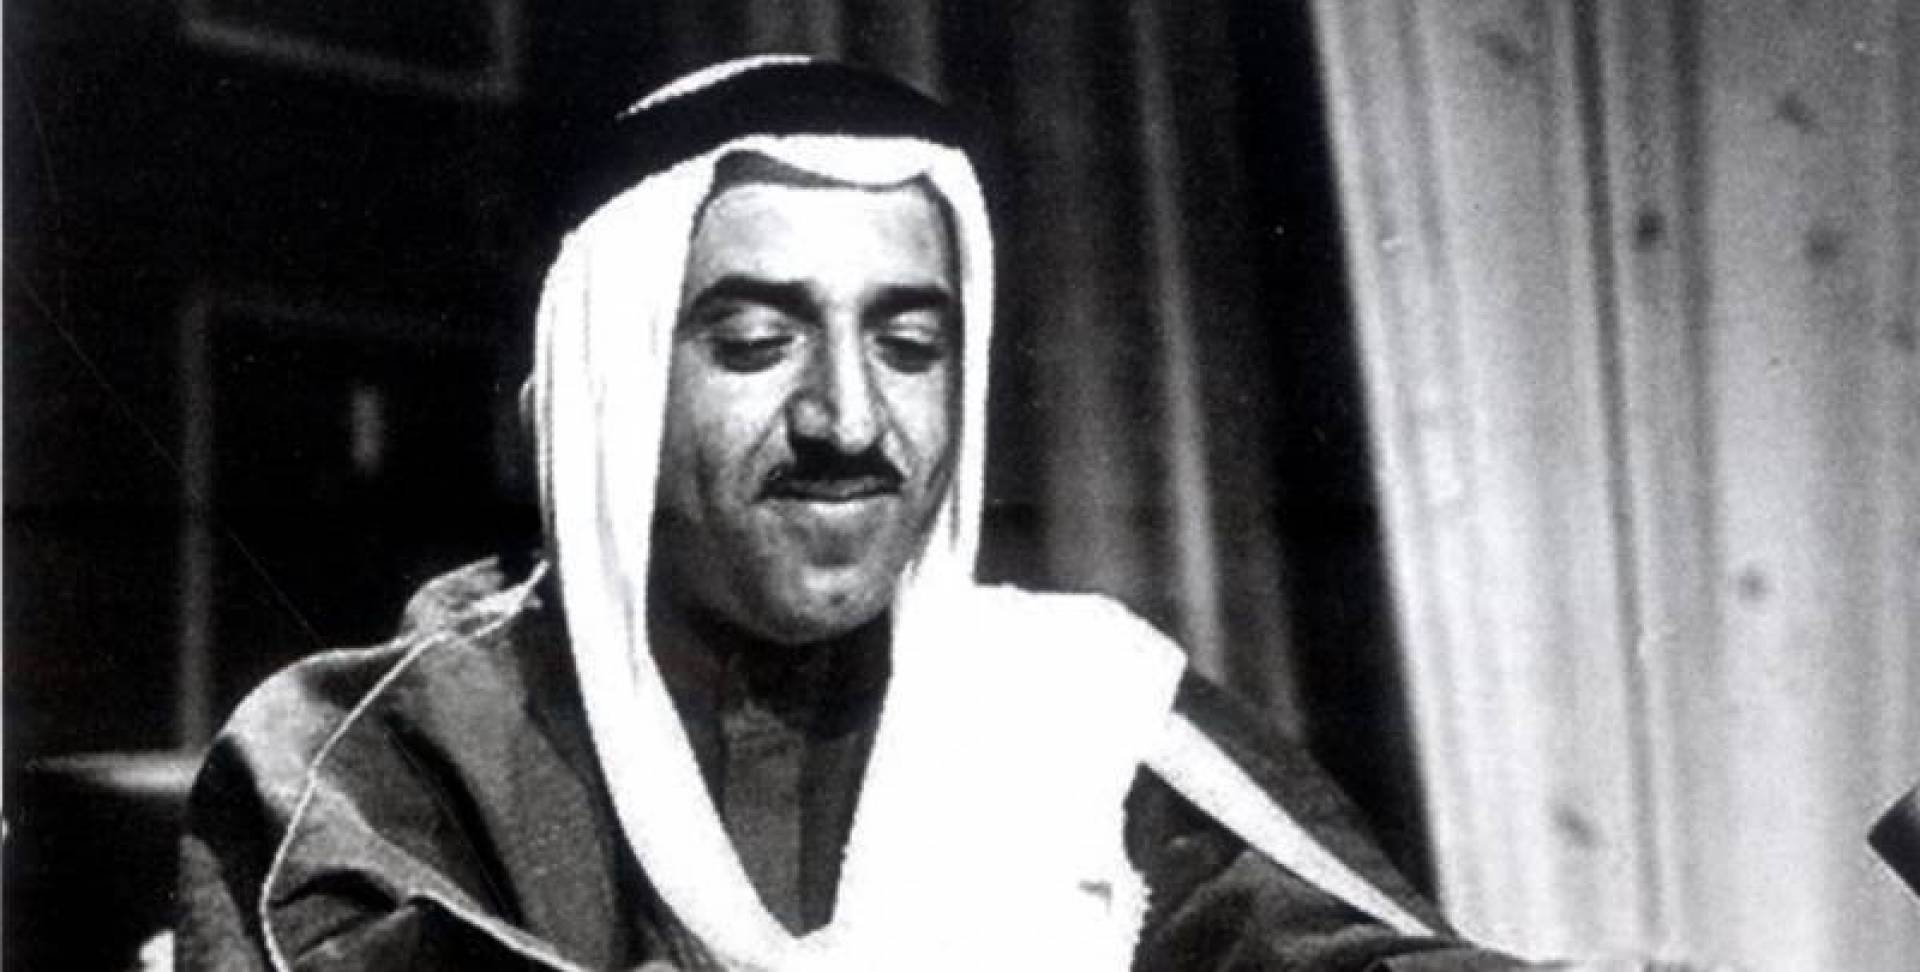 الشيخ صباحج الأحمد الصباح.. أرشيفية